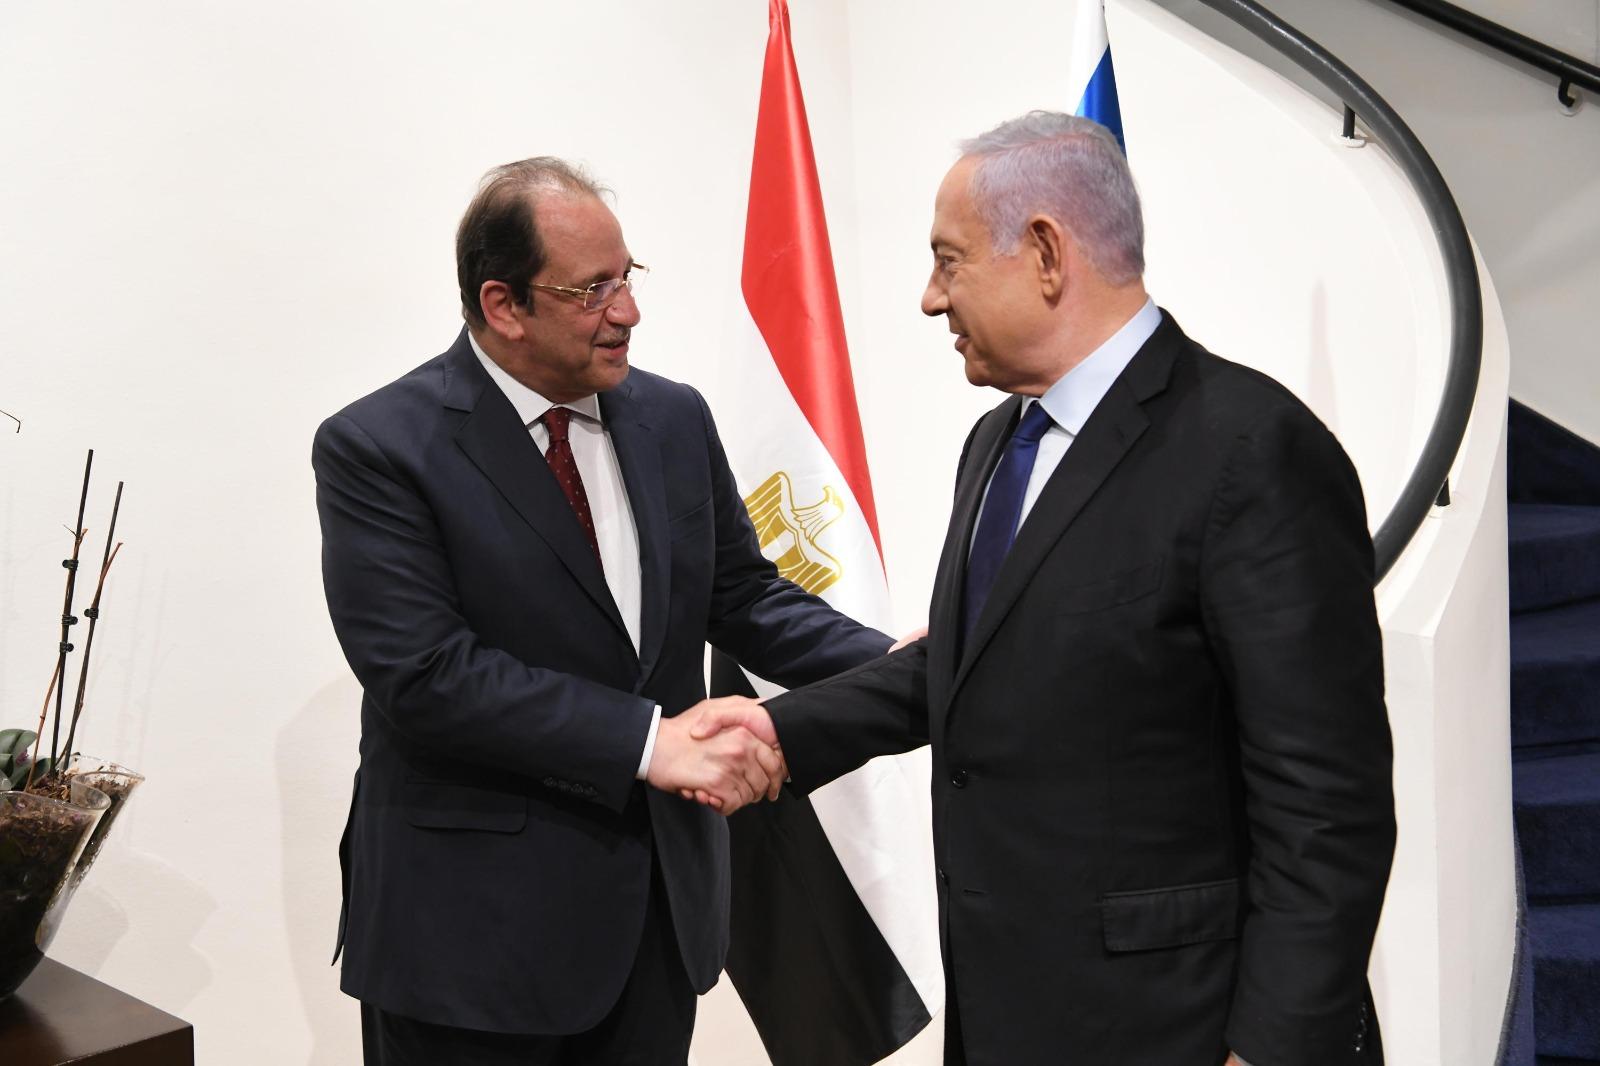 """ראש הממשלה נתניהו עם ראש המודיעין המצרי בפגישה בירושלים // צילום: טוויטר רה""""מ"""